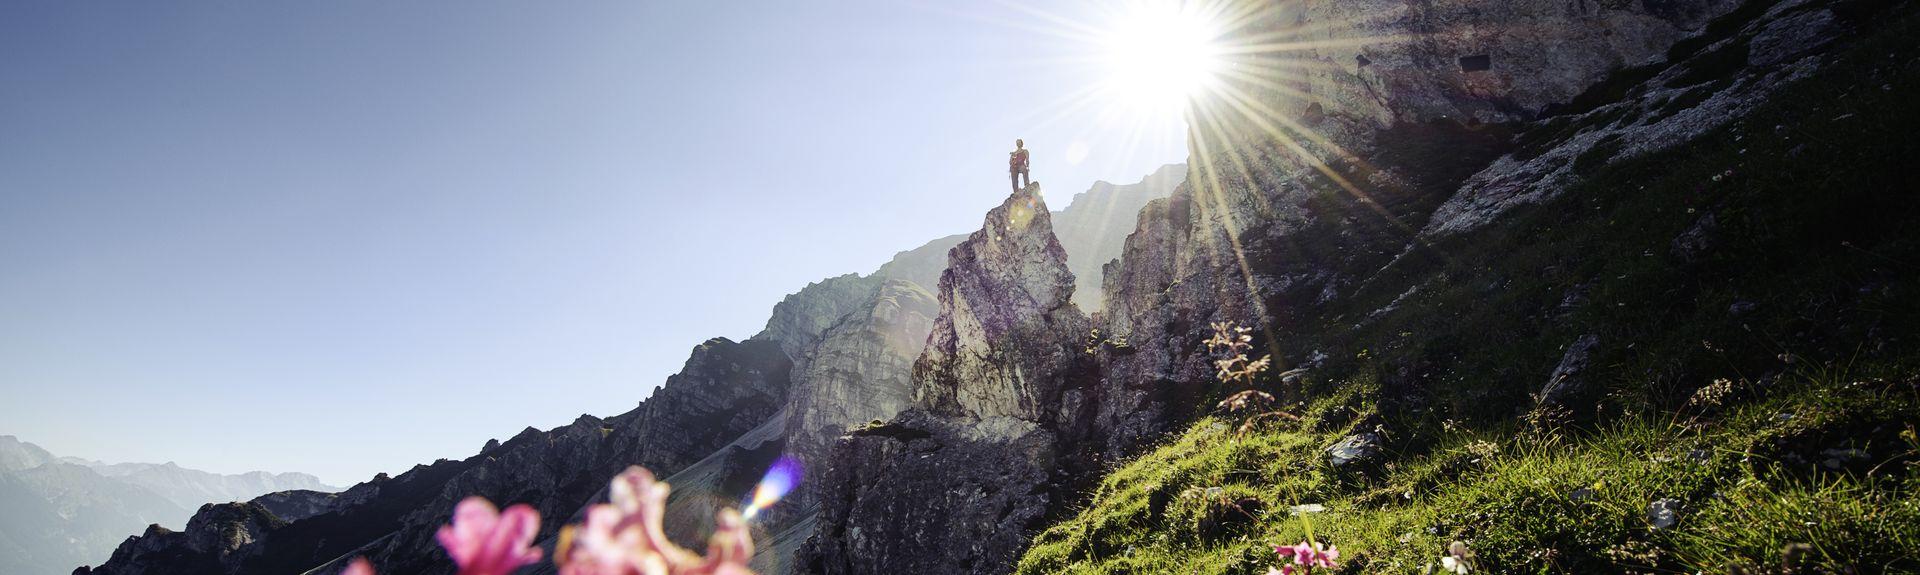 Völs, Tirol, Österreich